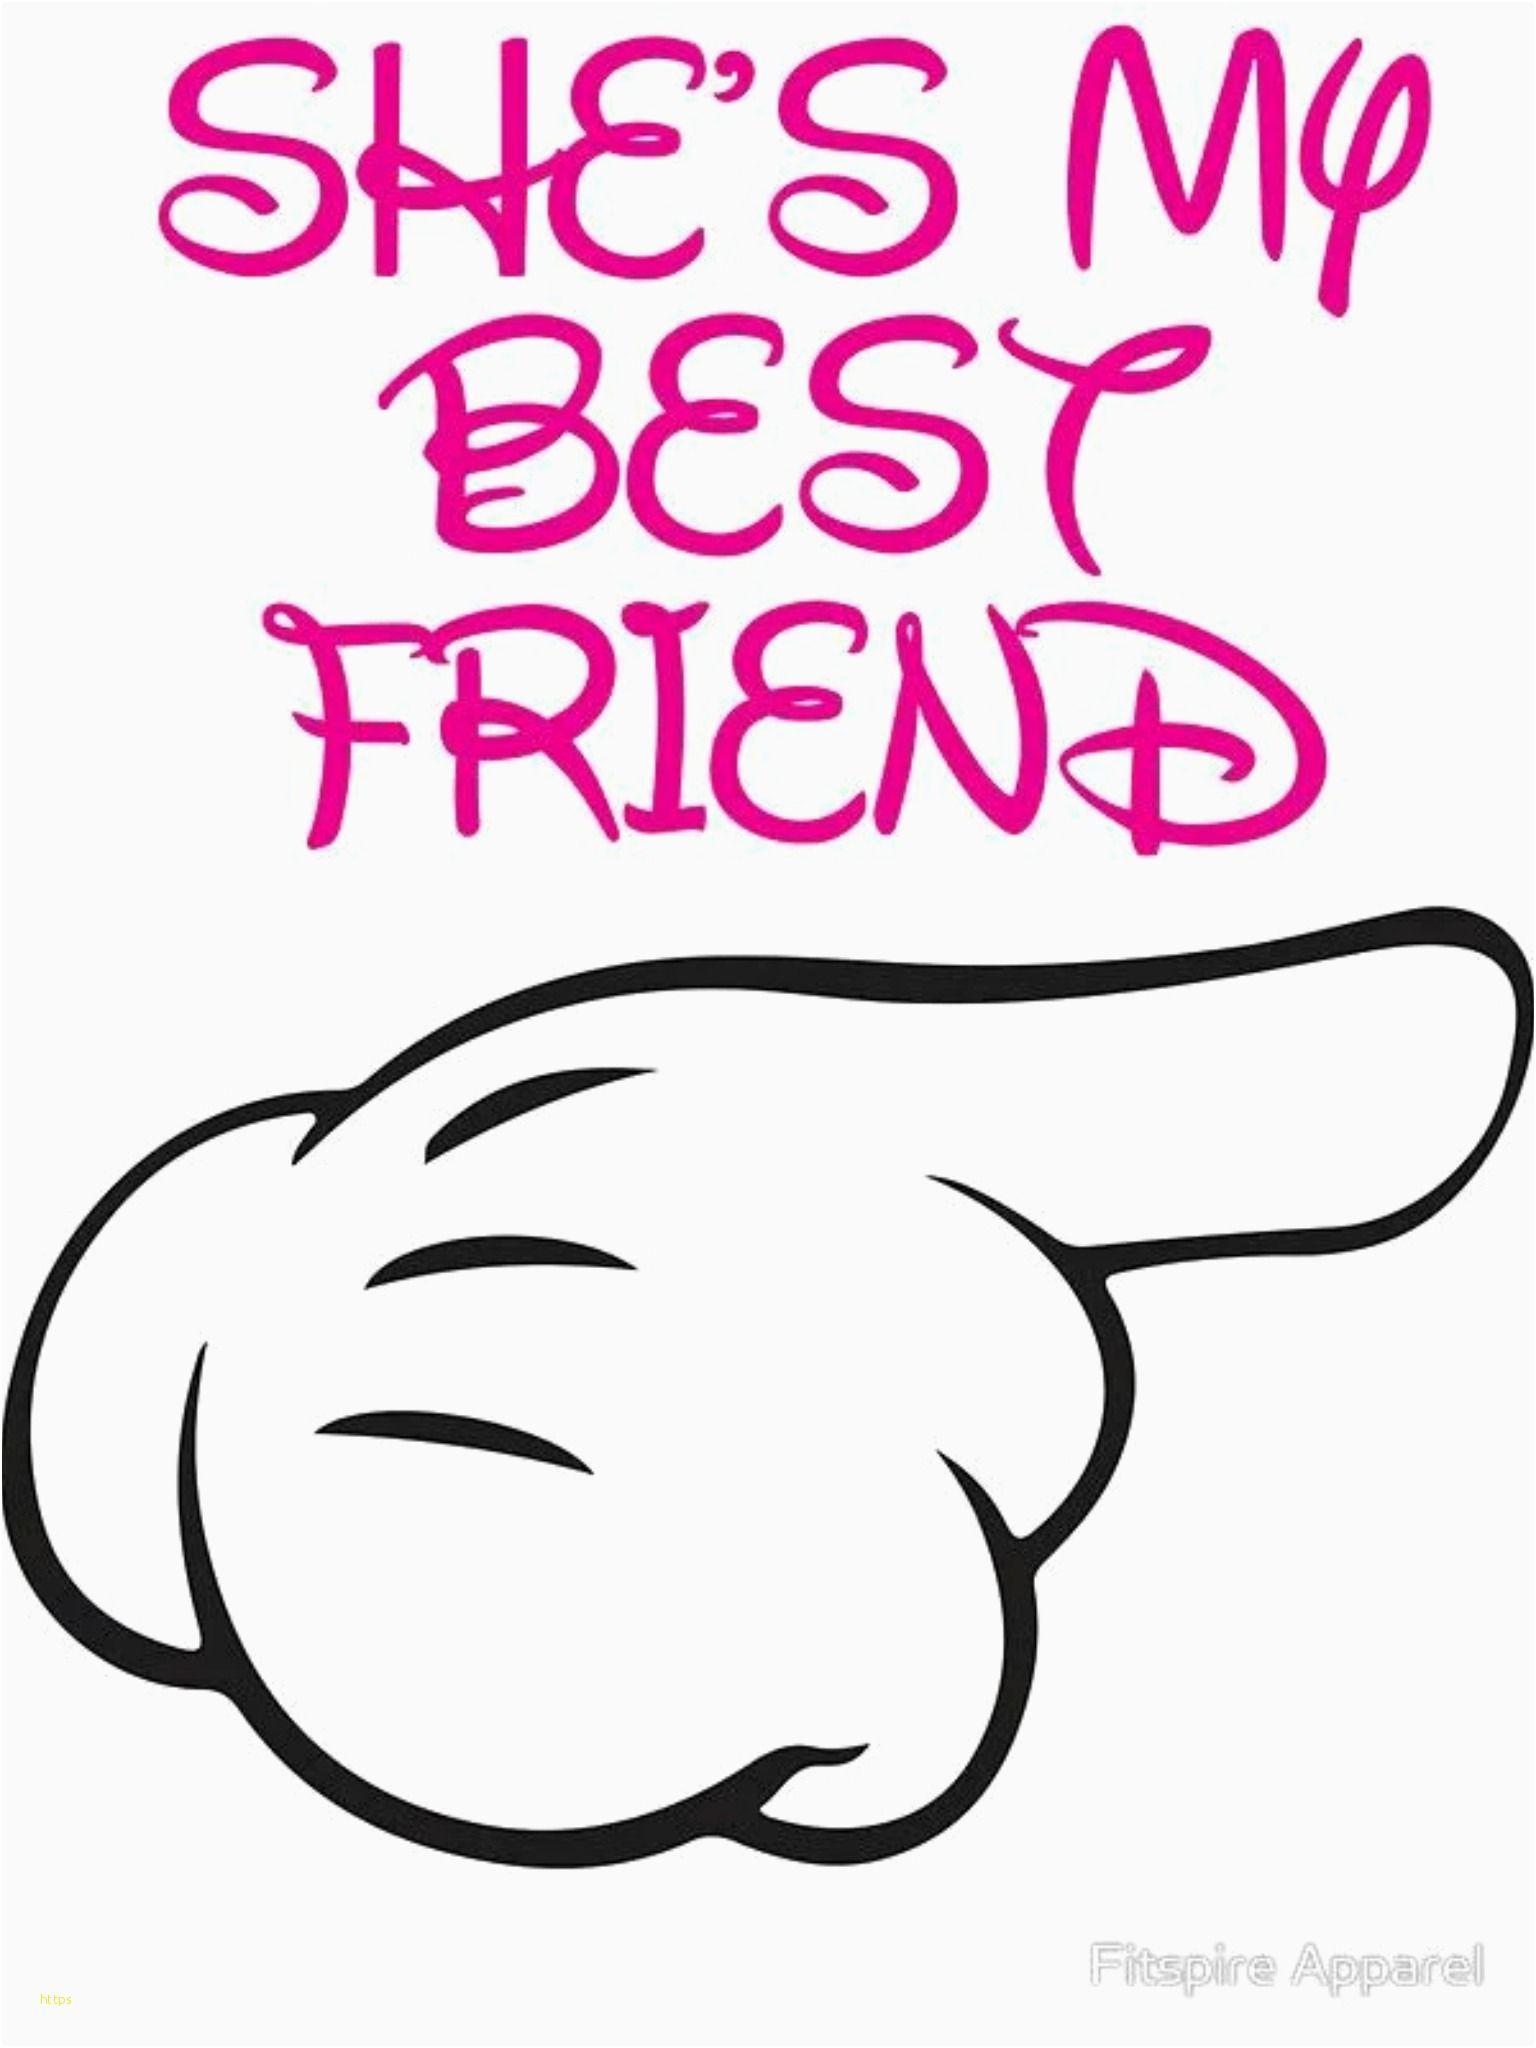 Hình nền người bạn tốt nhất 1536x2048 Hình nền người bạn tốt nhất đẹp